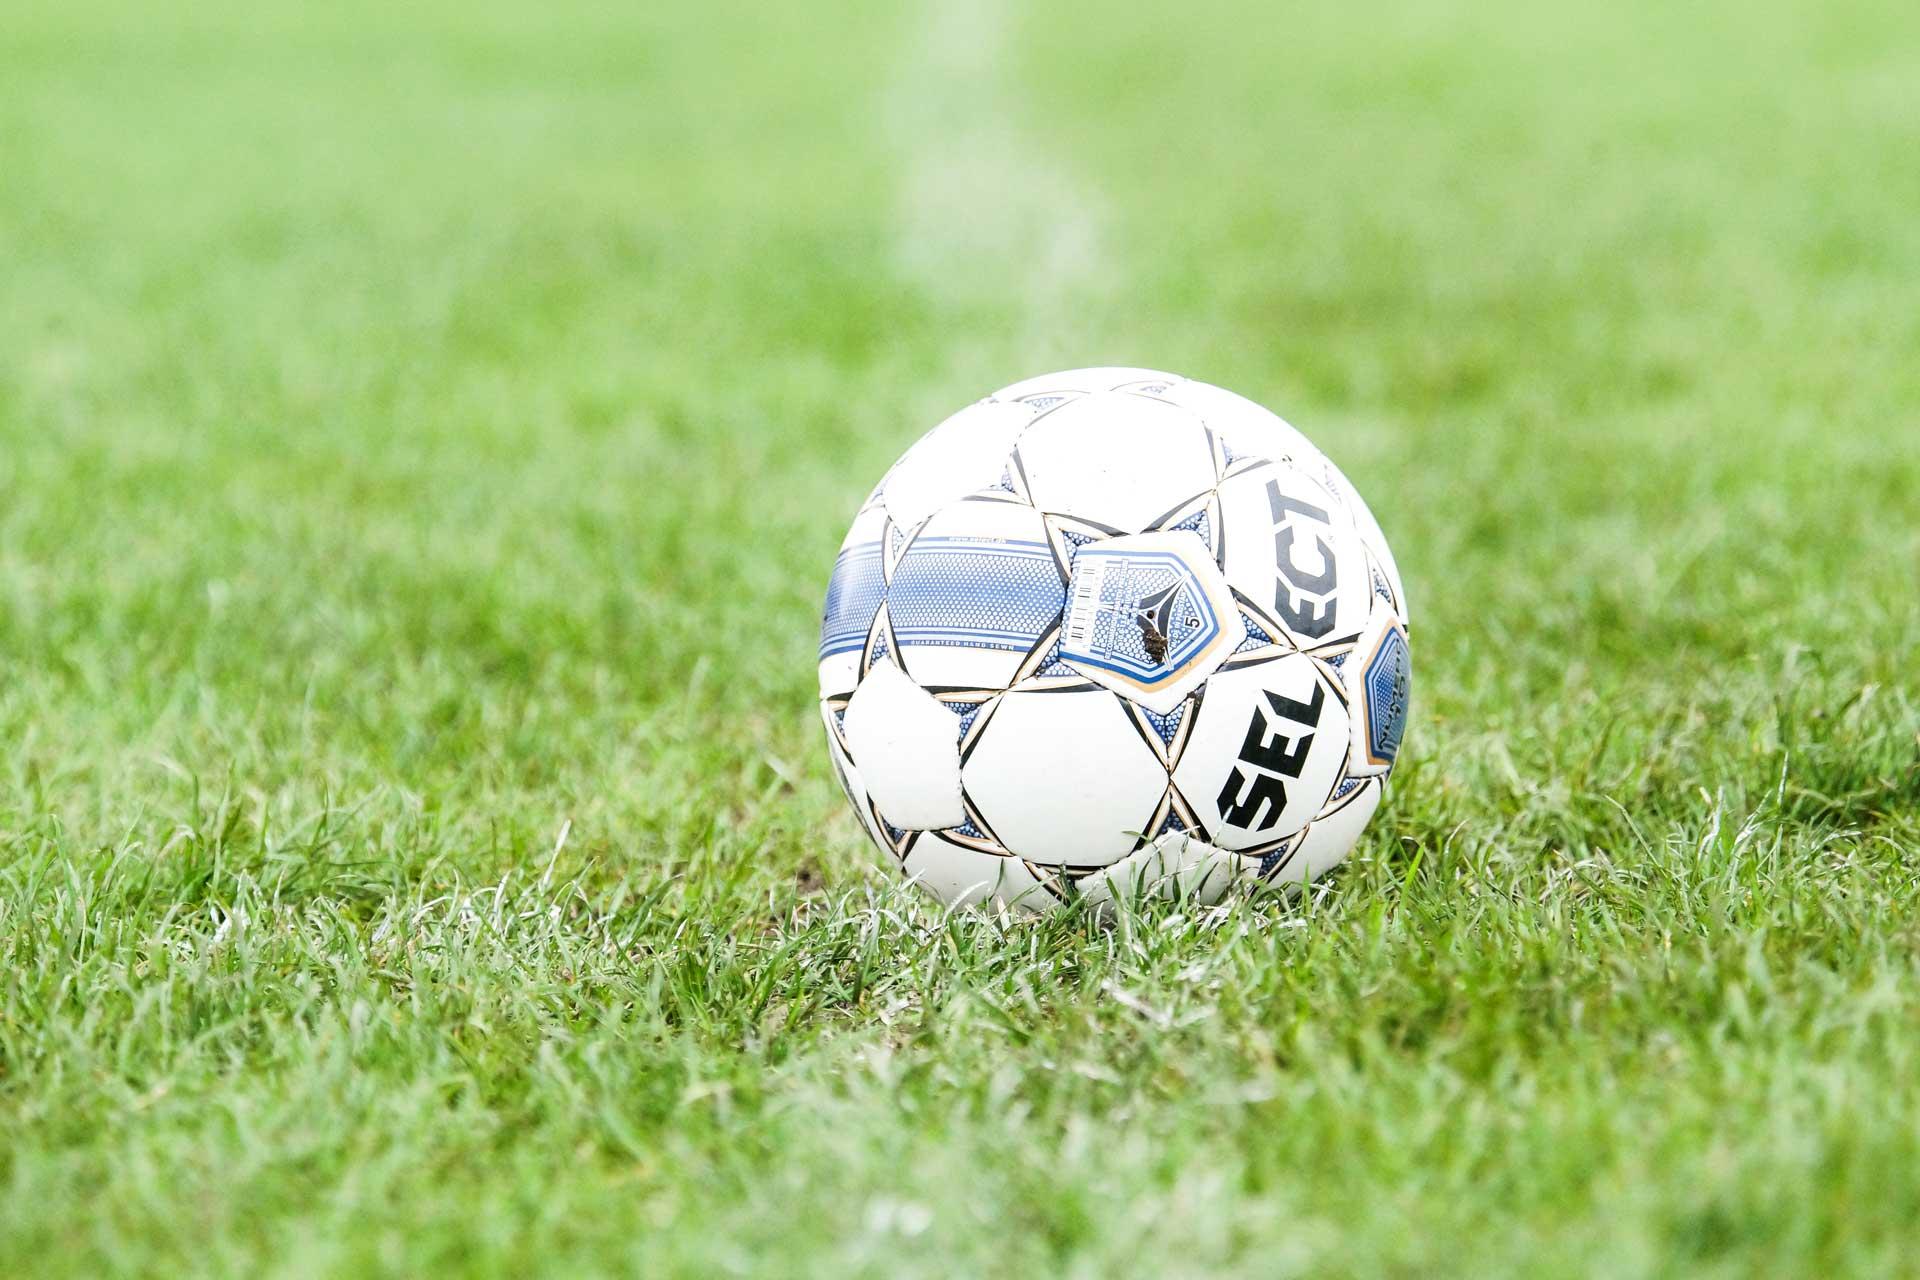 billede af en fodbold